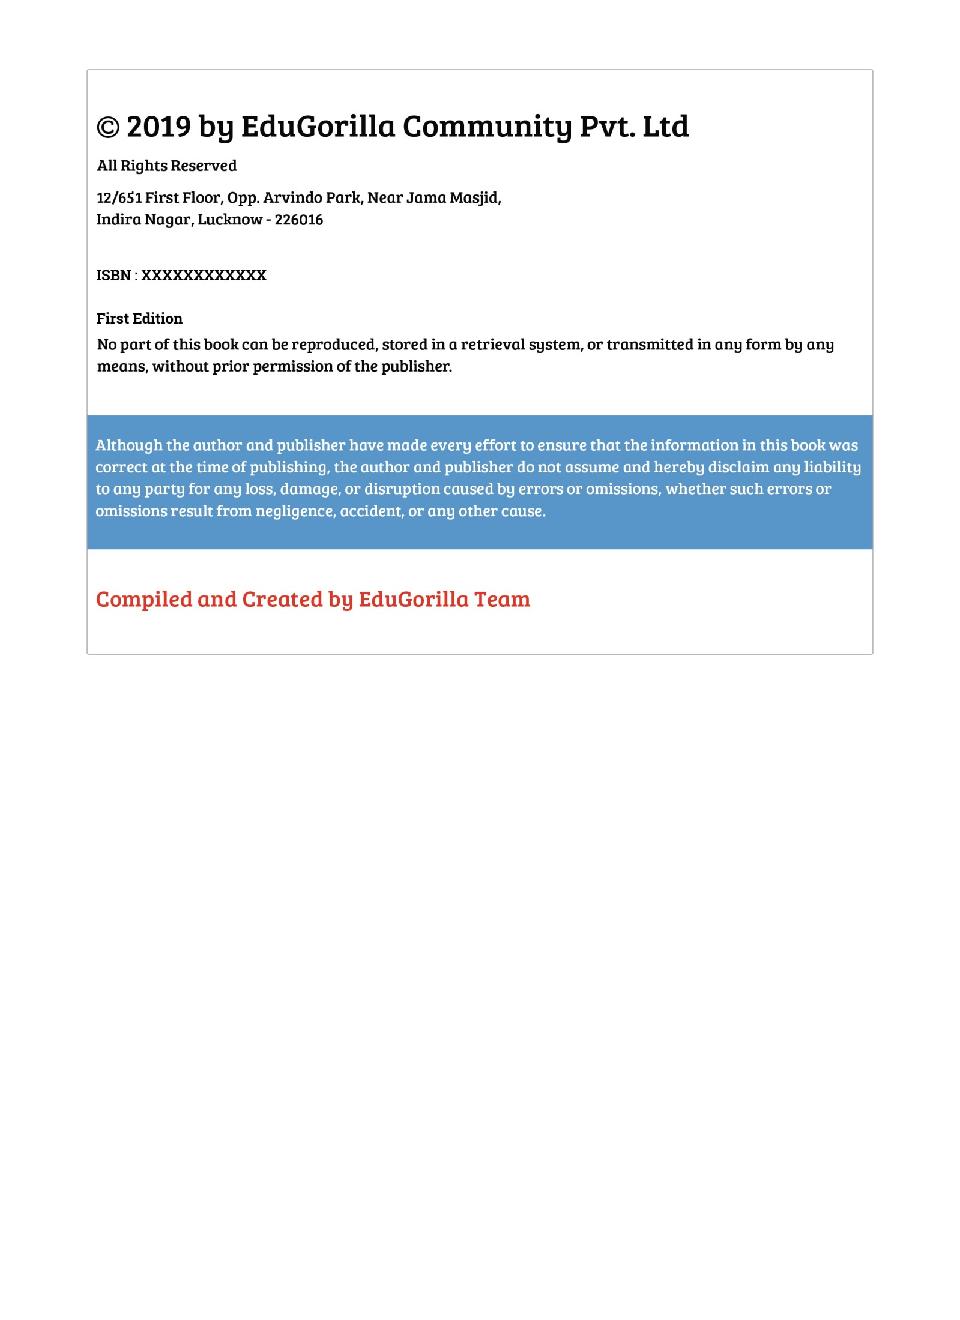 EduGorilla EPFO SSA (Mains) - 2020 - 5 Mock Test - Latest Edition Practice Kit - Page 4